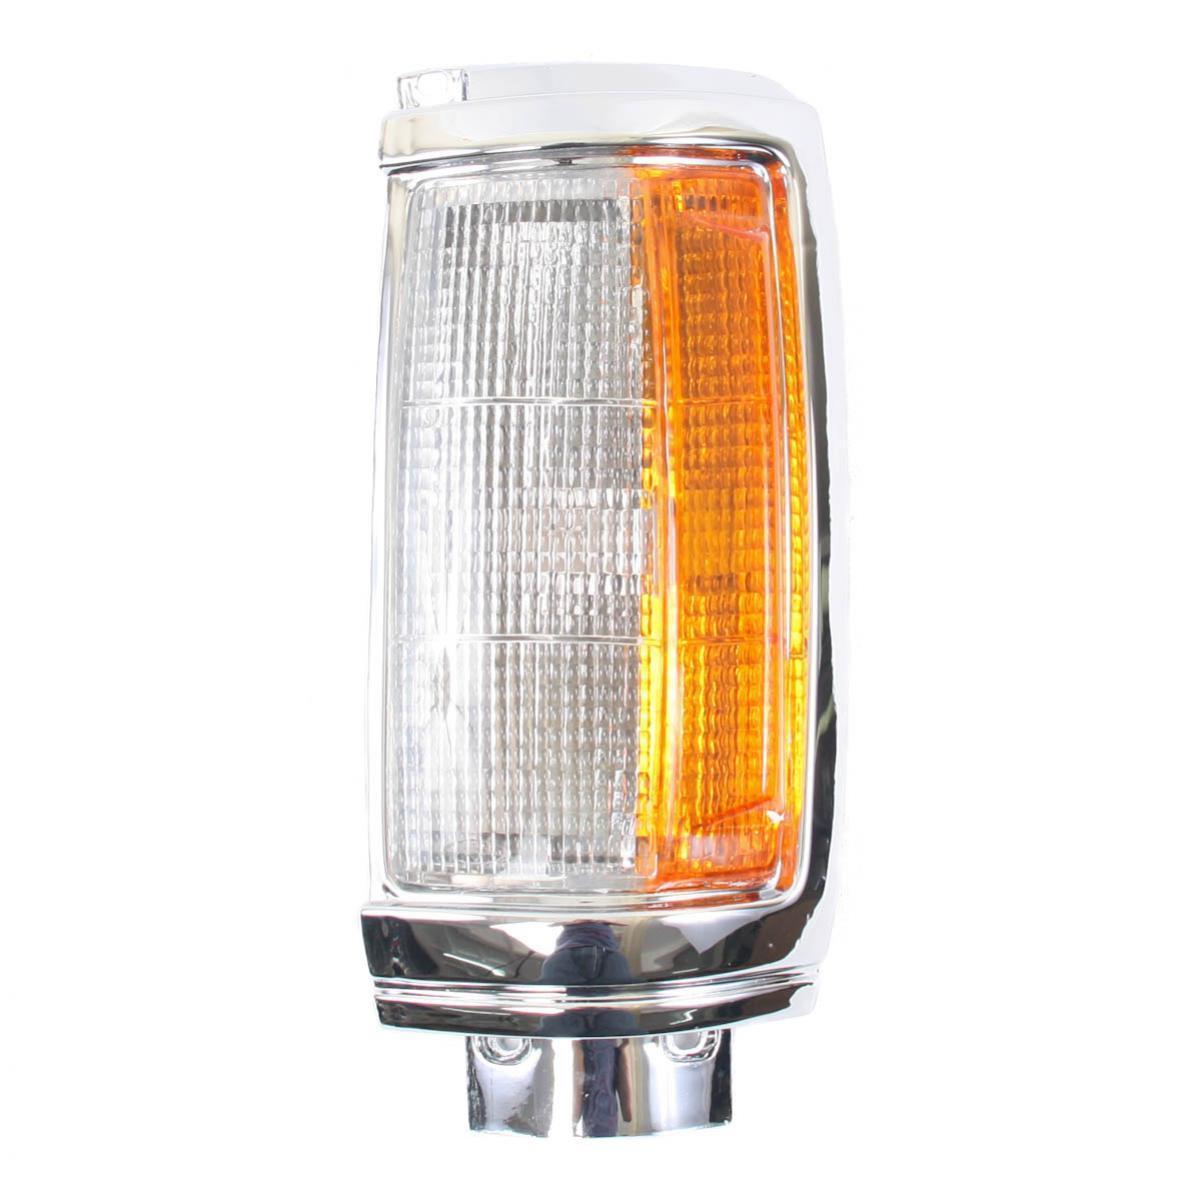 コーナーライト Corner Lights Lamp Chrome Left Fits Mitsubishi Cyclone Truck 1989-1995 Diamond コーナーライトランプクロム左フィット三菱サイクロントラック1989-1995ダイヤモンド